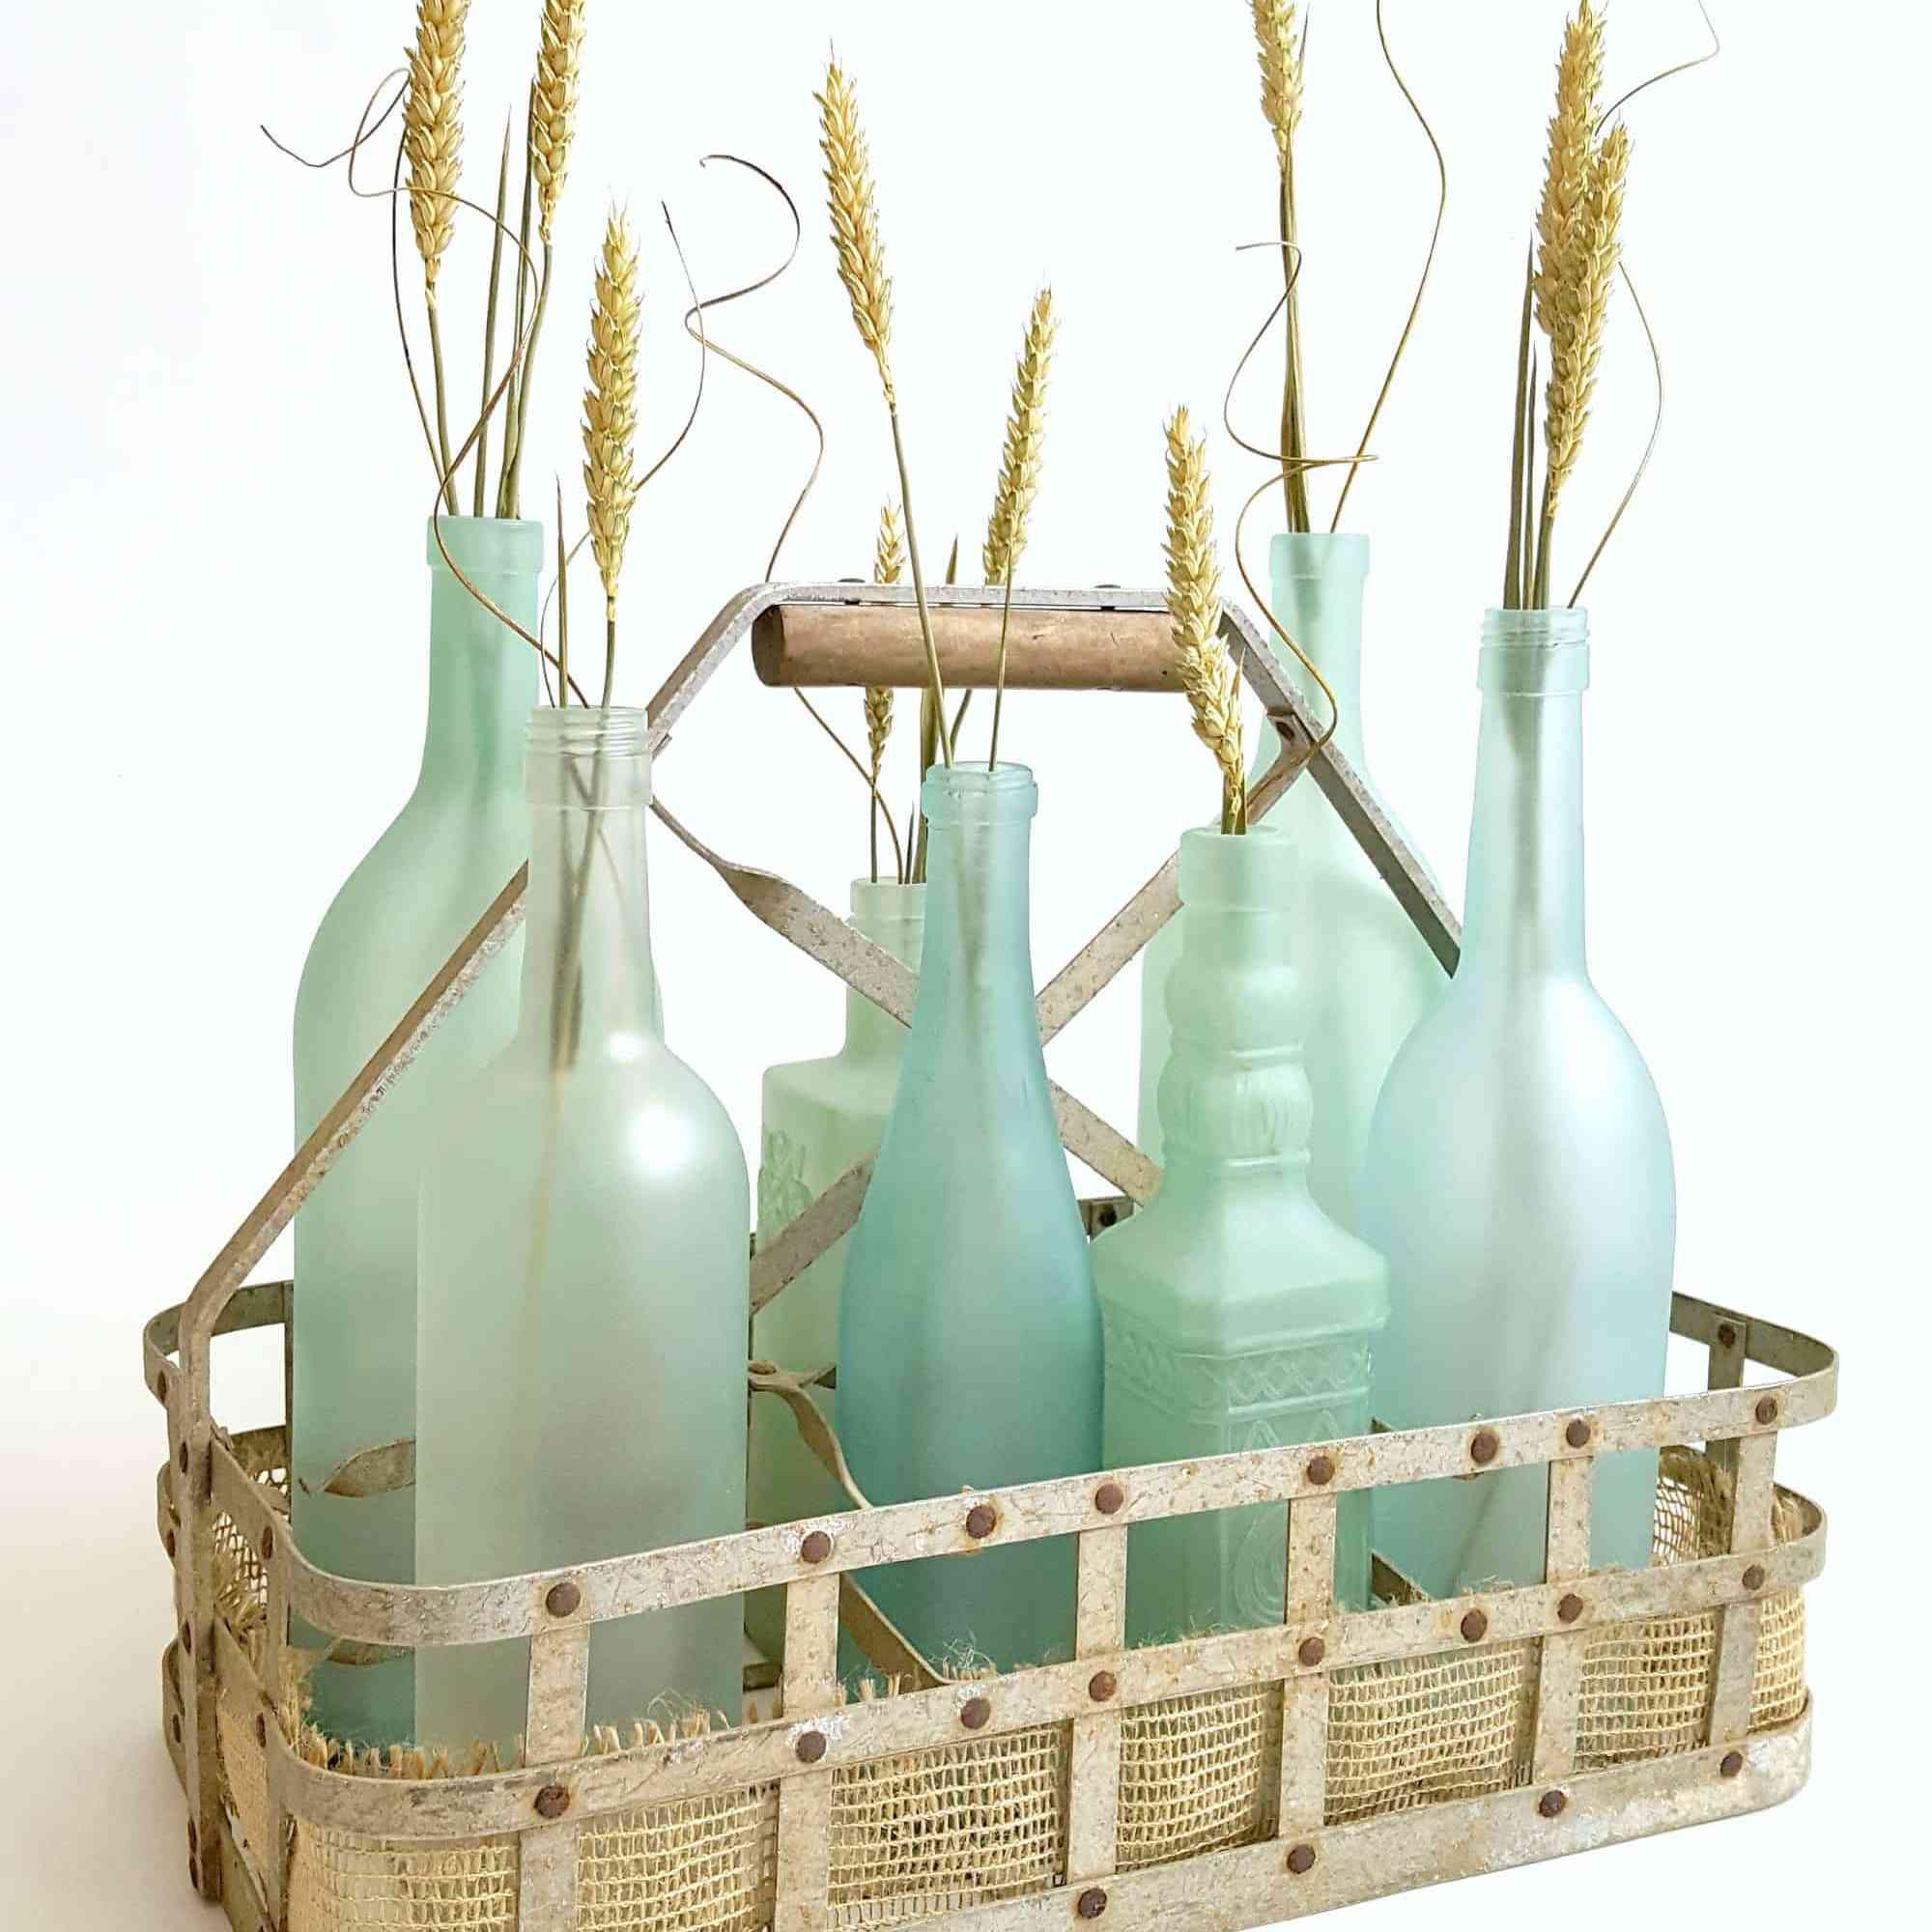 diy wine bottle craft ideas